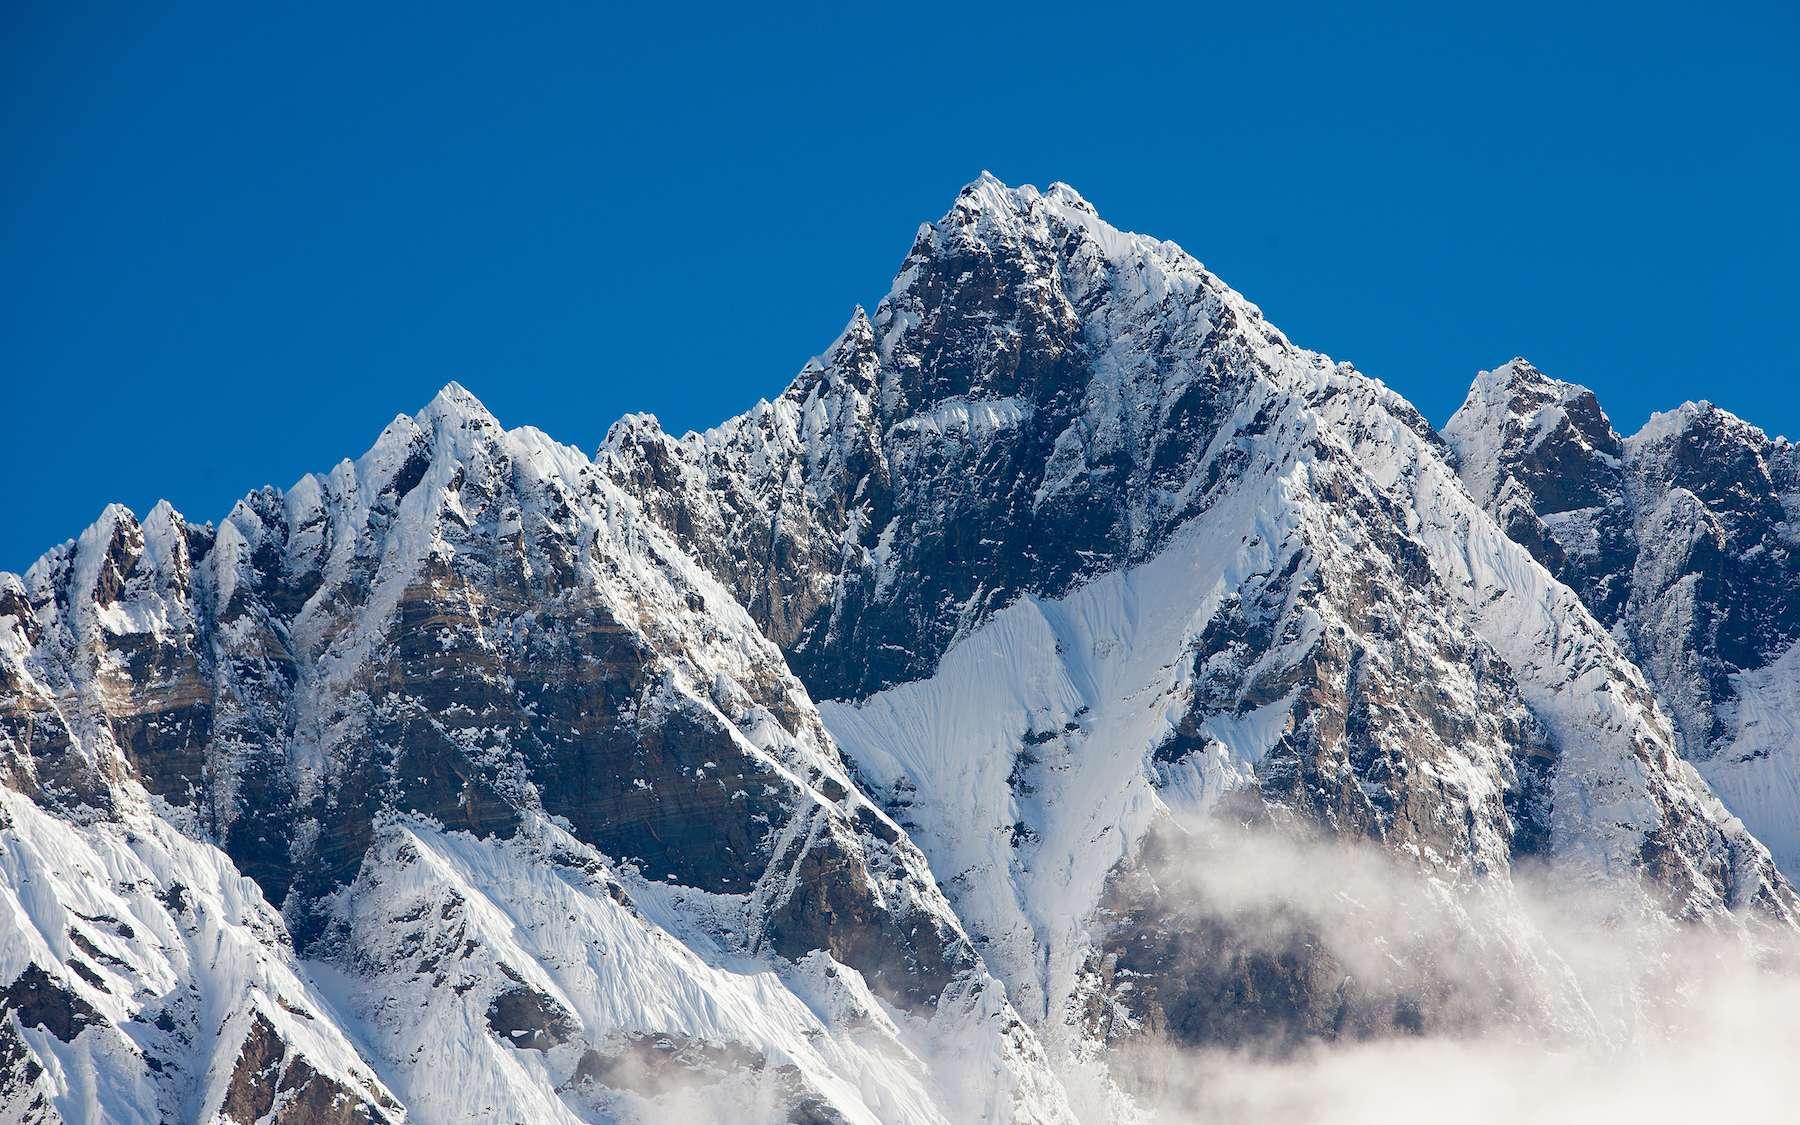 Sur les pentes des glaciers tibétains à plus de 5.000 mètres d'altitude, le rover doit affronter des conditions dignes de la surface de martienne. © Maygutyak, Adobe Stock